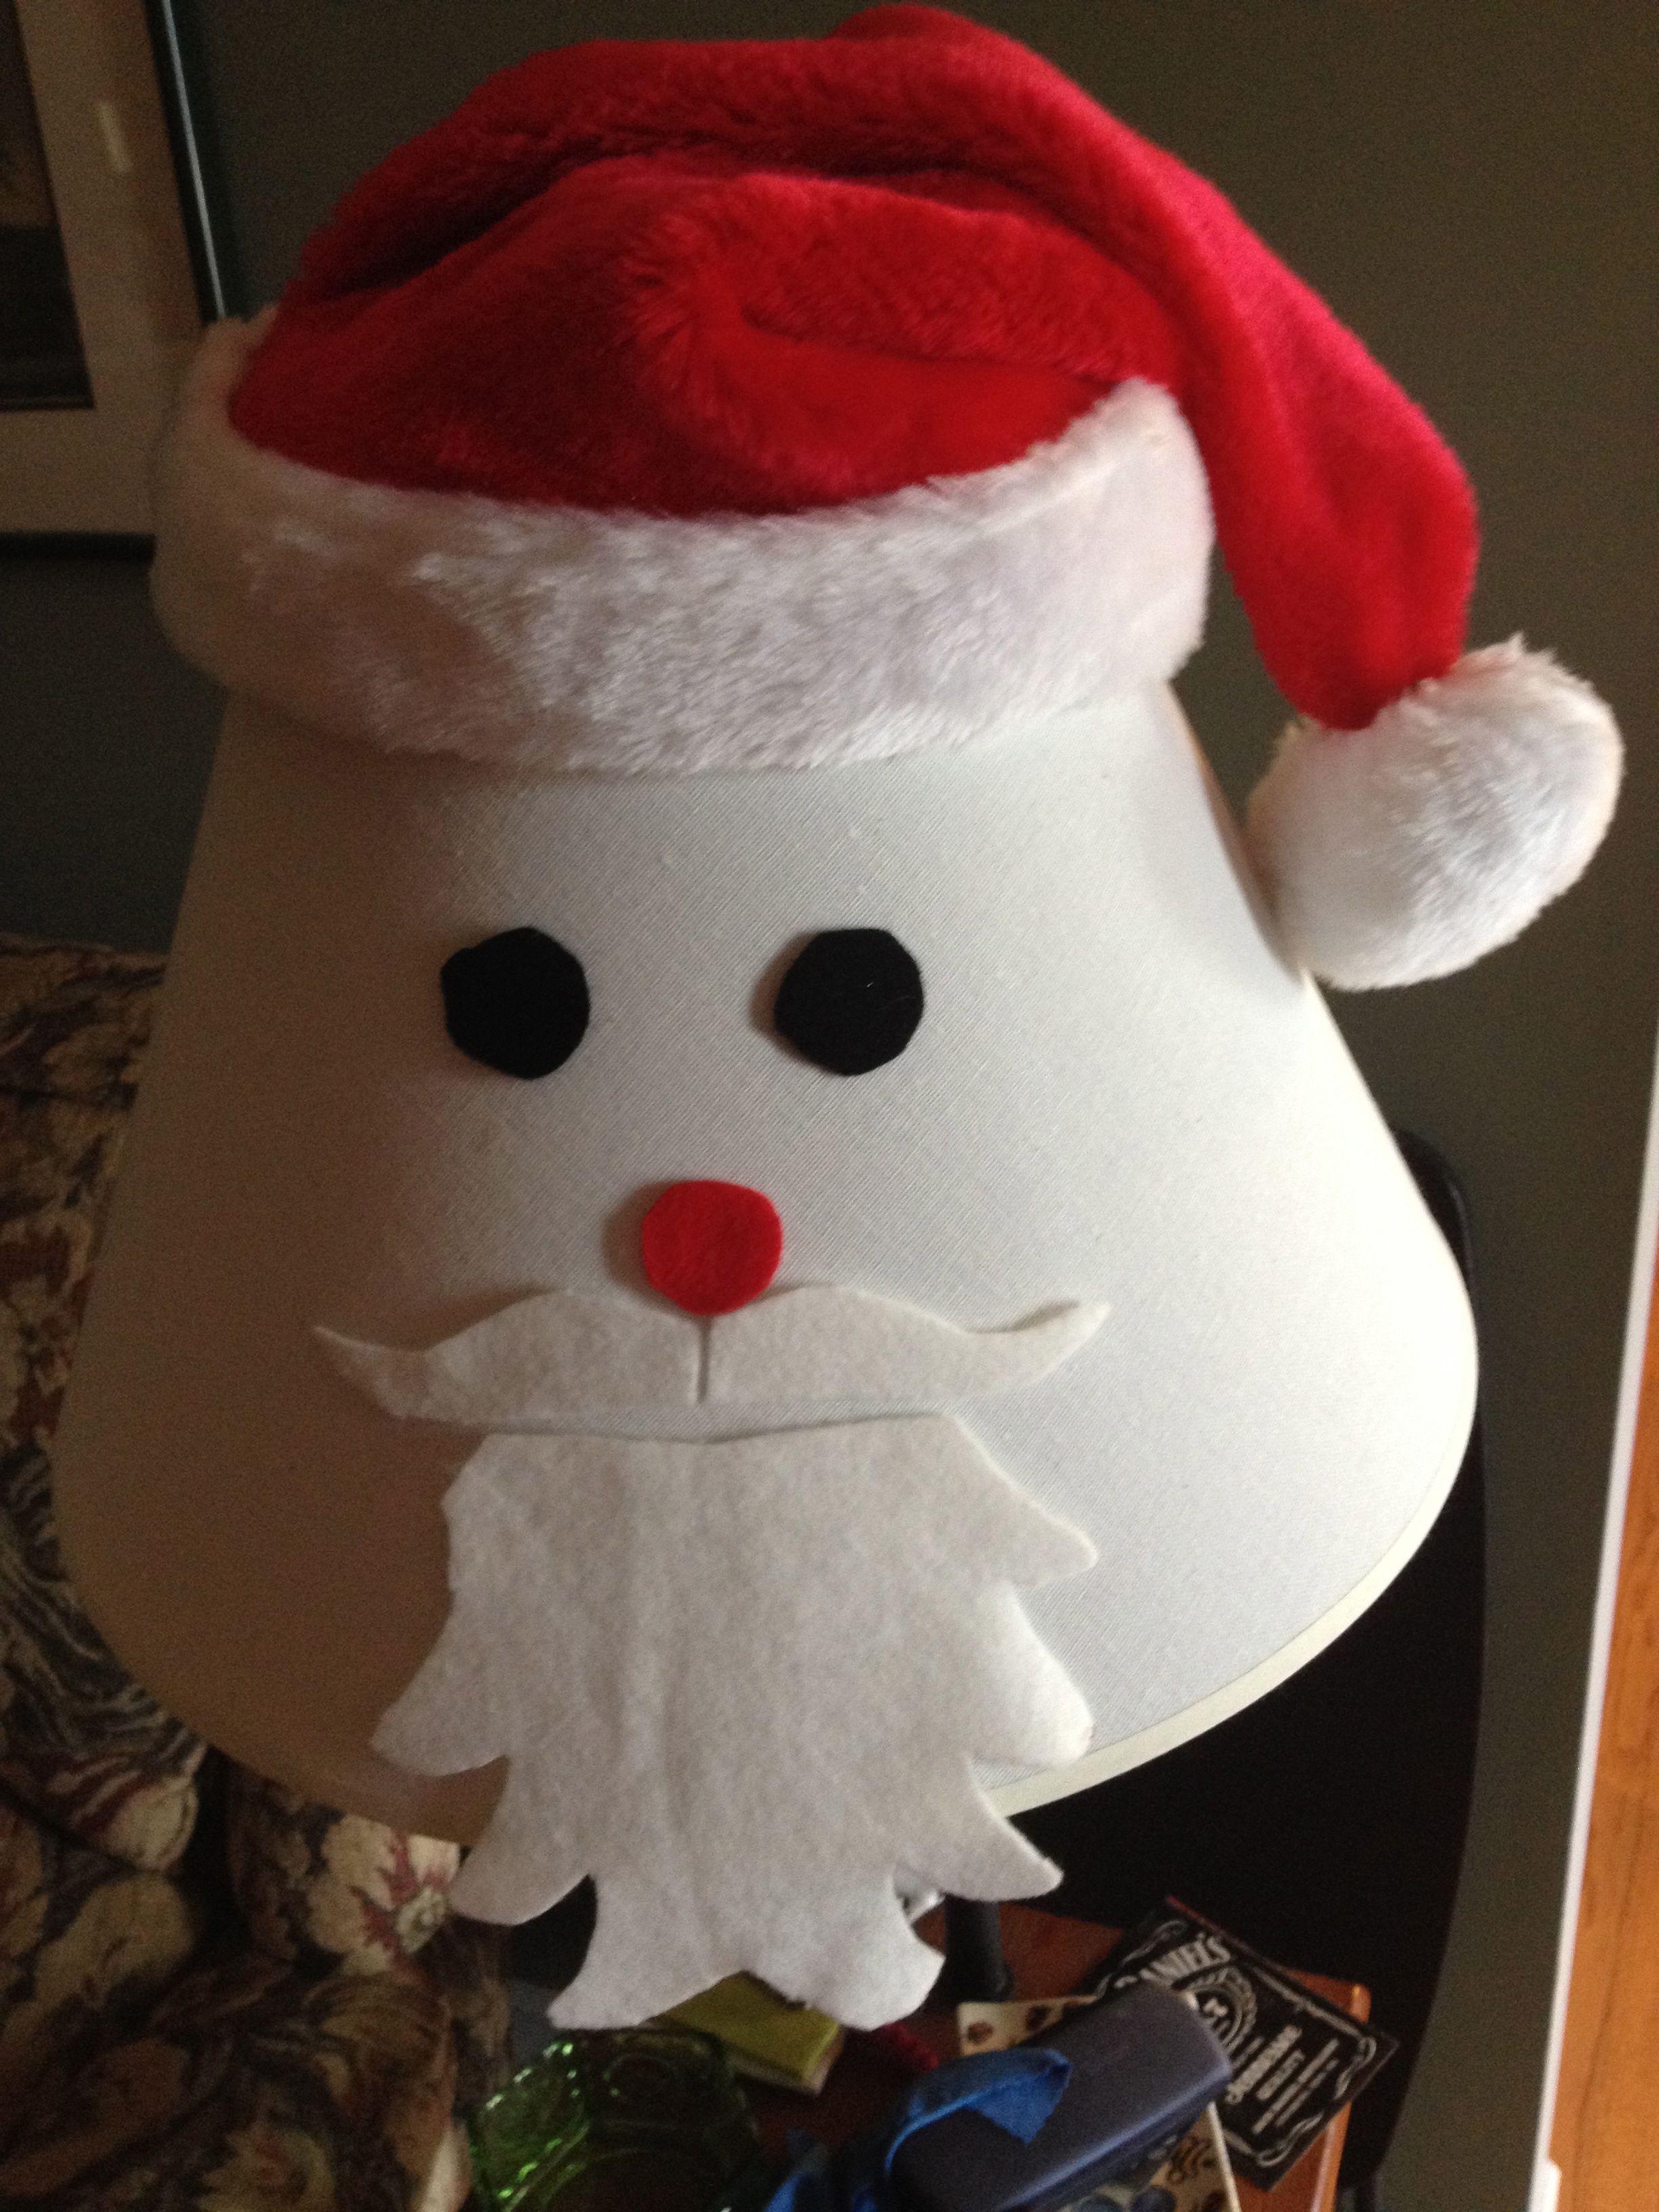 Holiday lamp shade crafts pinterest holiday lamp shade aloadofball Choice Image